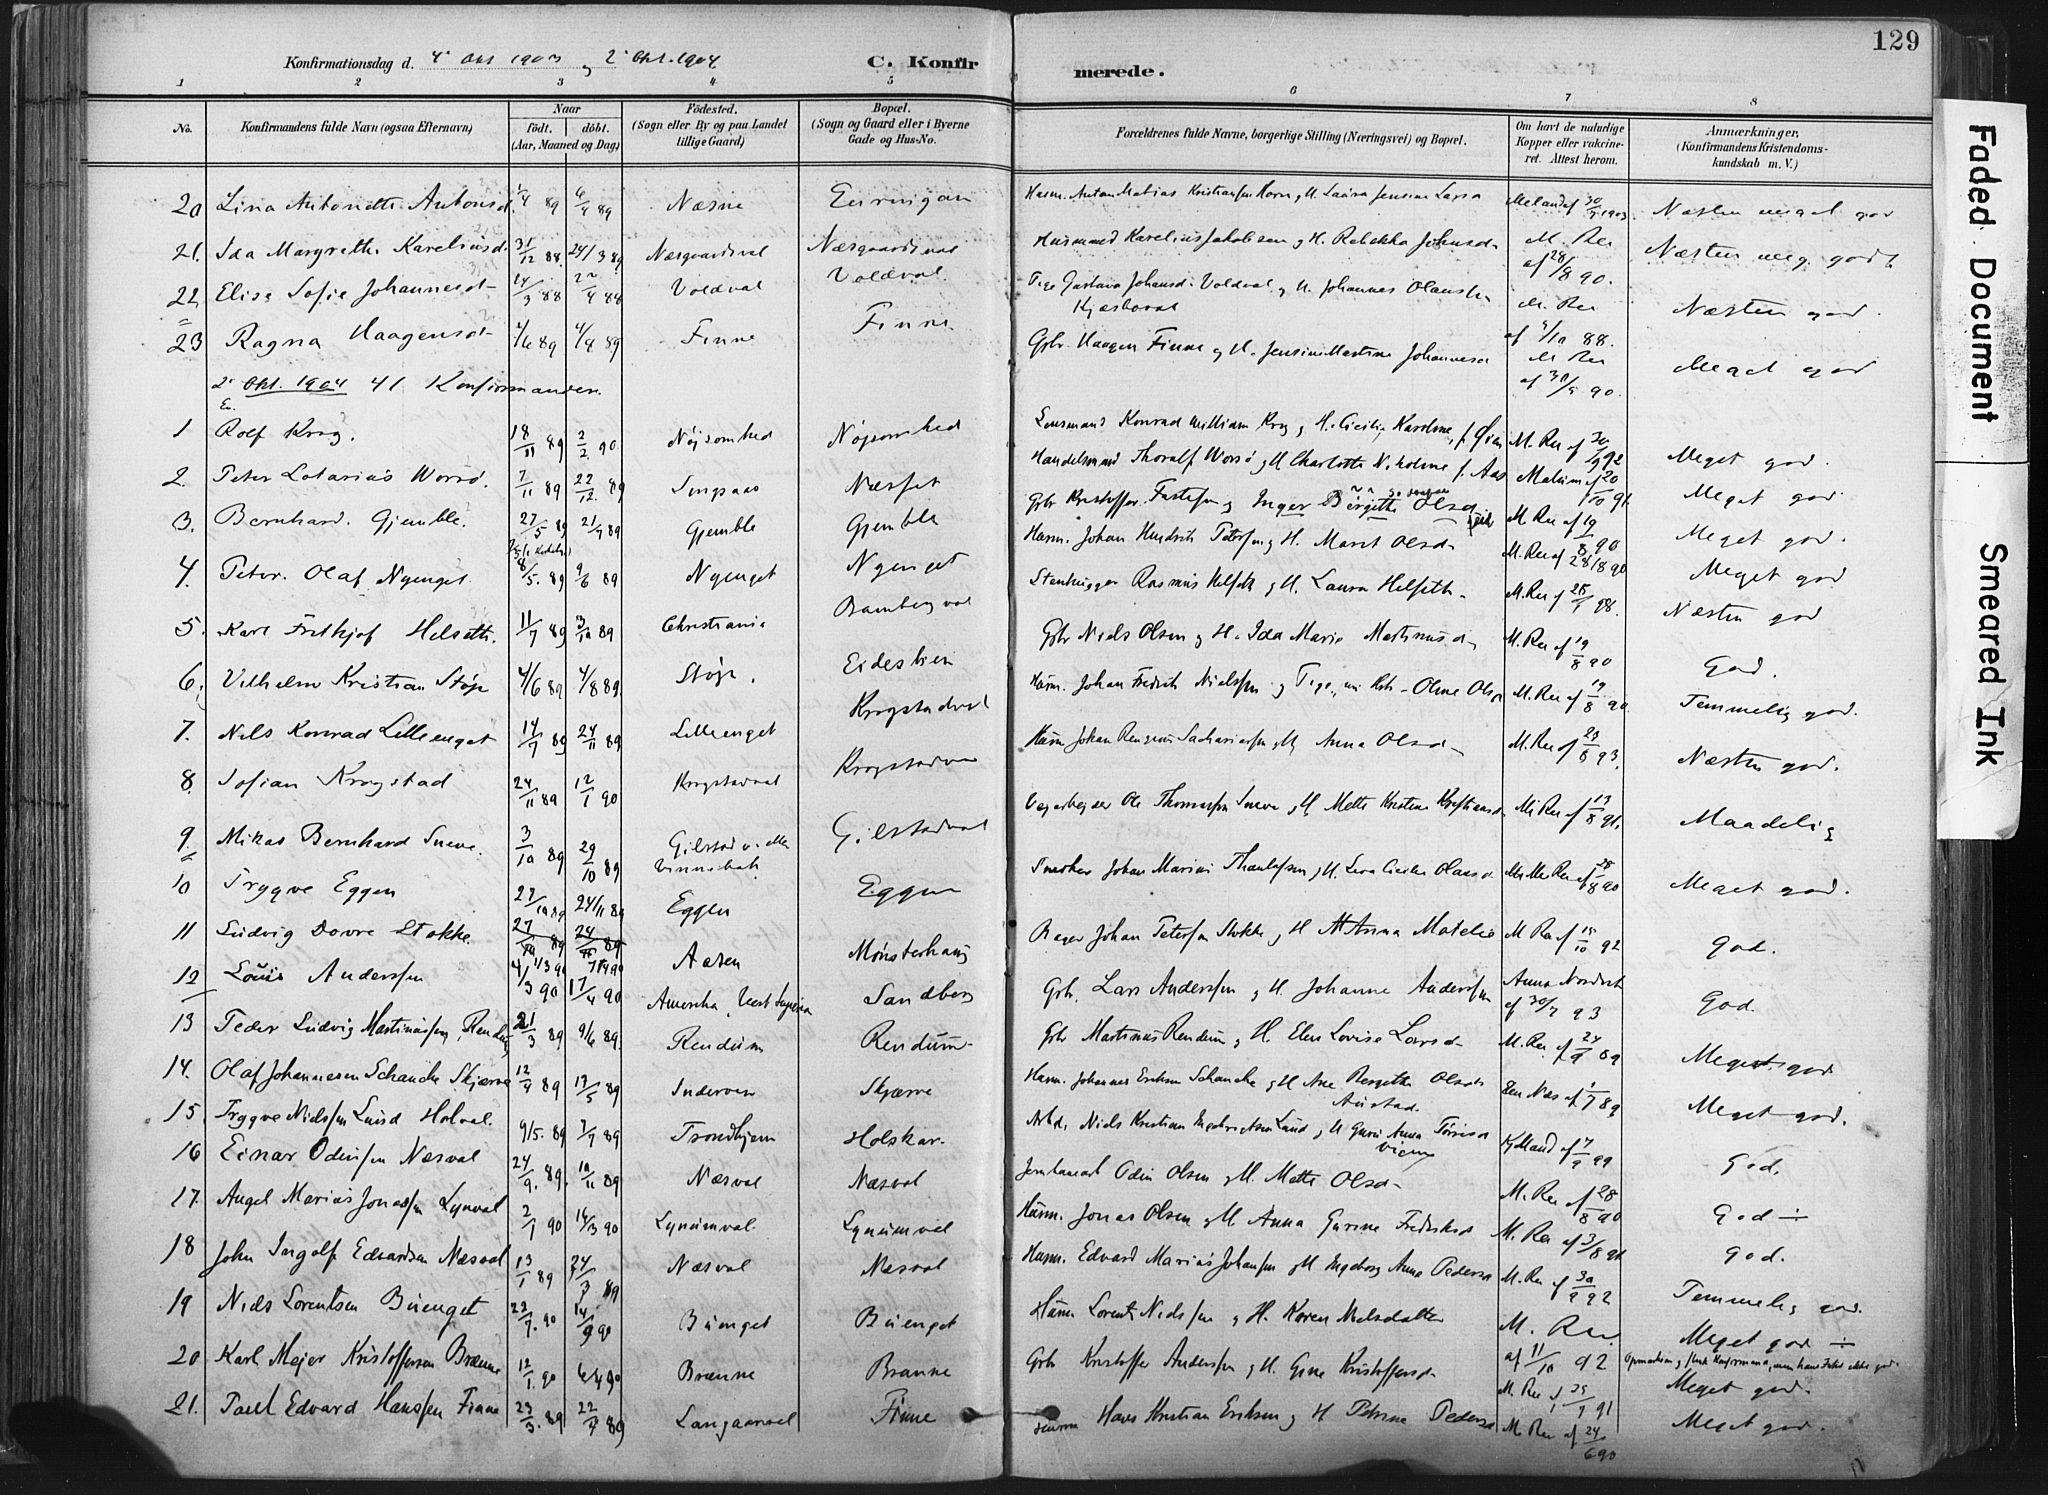 SAT, Ministerialprotokoller, klokkerbøker og fødselsregistre - Nord-Trøndelag, 717/L0162: Ministerialbok nr. 717A12, 1898-1923, s. 129